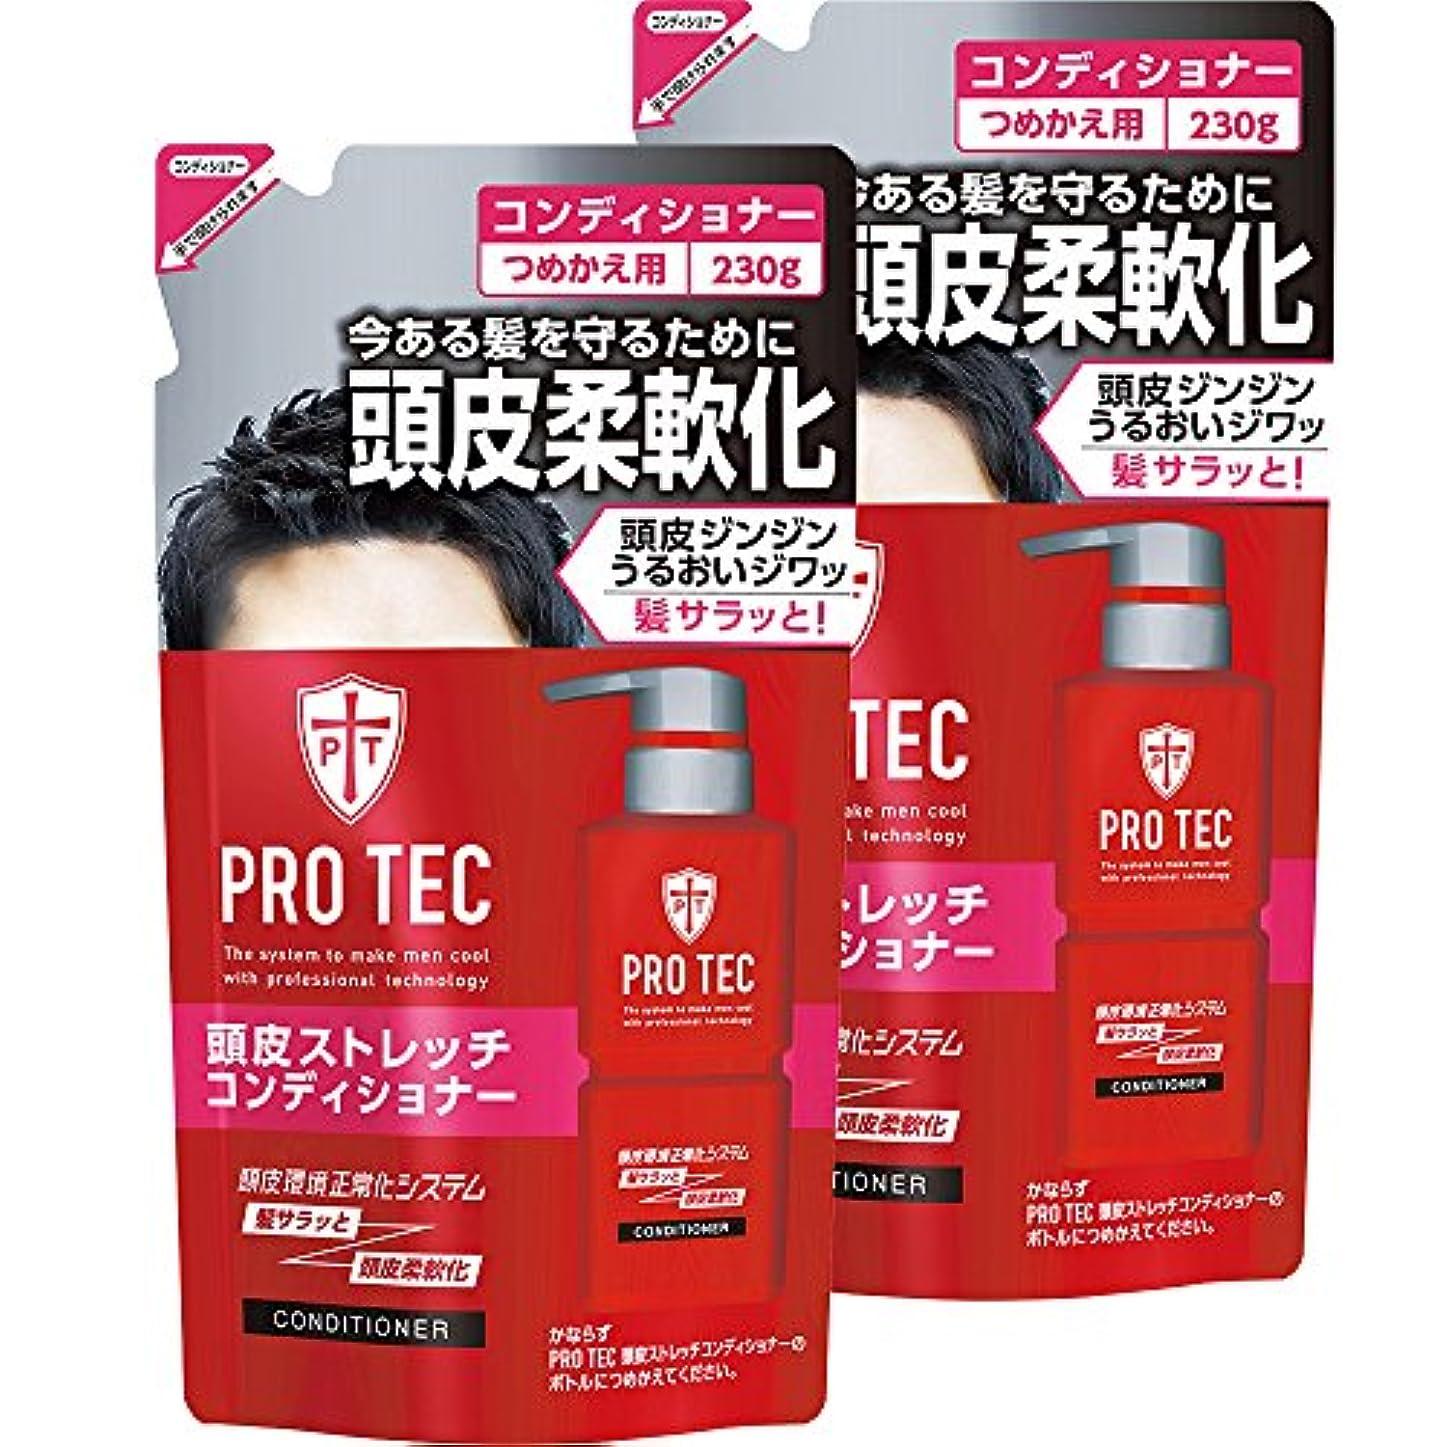 管理するいらいらする鰐【まとめ買い】PRO TEC(プロテク) 頭皮ストレッチ コンディショナー 詰め替え 230g×2個パック(医薬部外品)